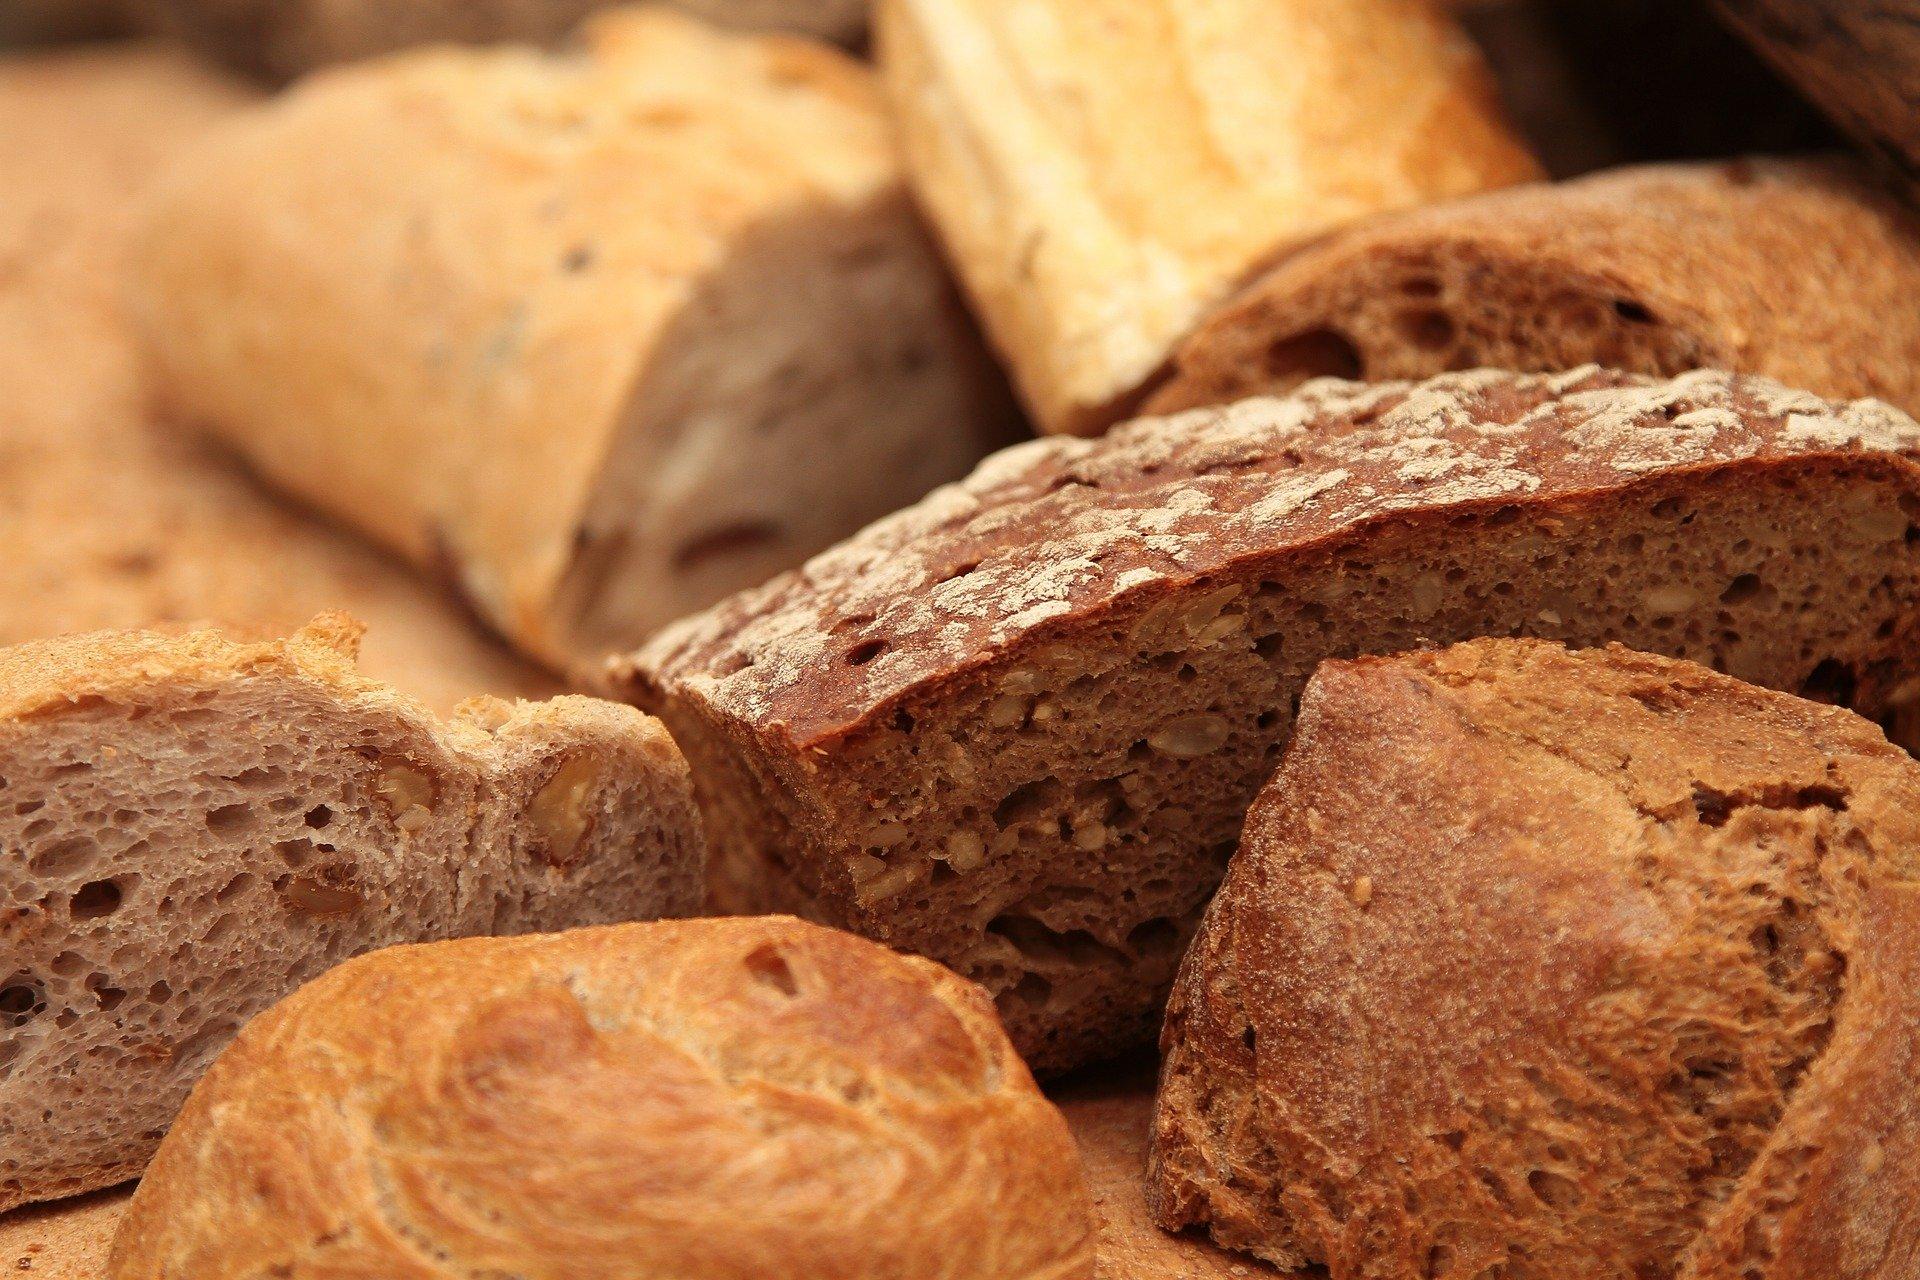 """Úlomkov chleba bolo toľko, že ich """"zostalo"""" dosť aj pre tých, čo žijú pod Tatrami dnes"""